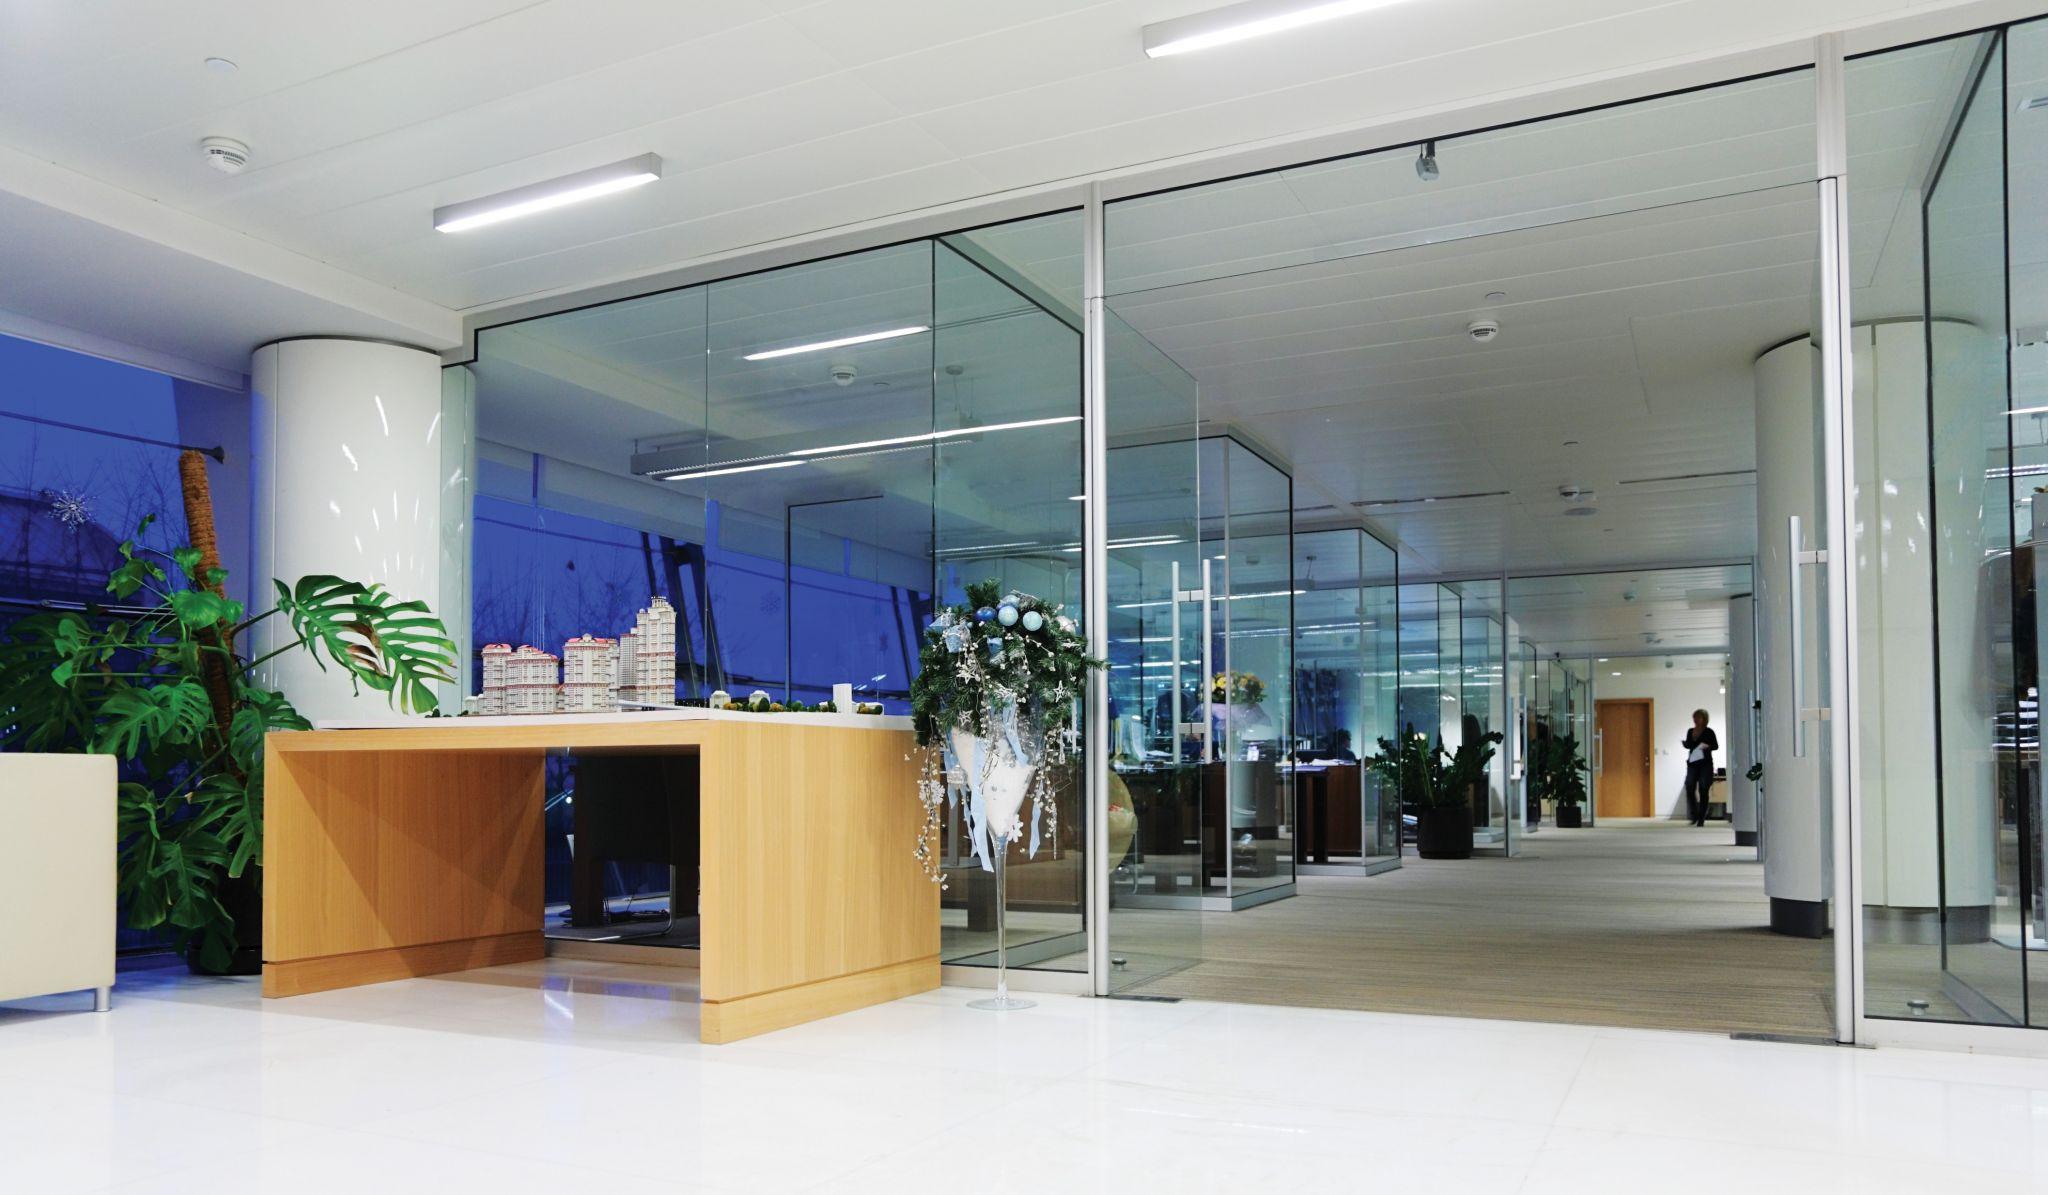 Designing for comfort iaq air distribution per ashrae for Indoor design conditions ashrae